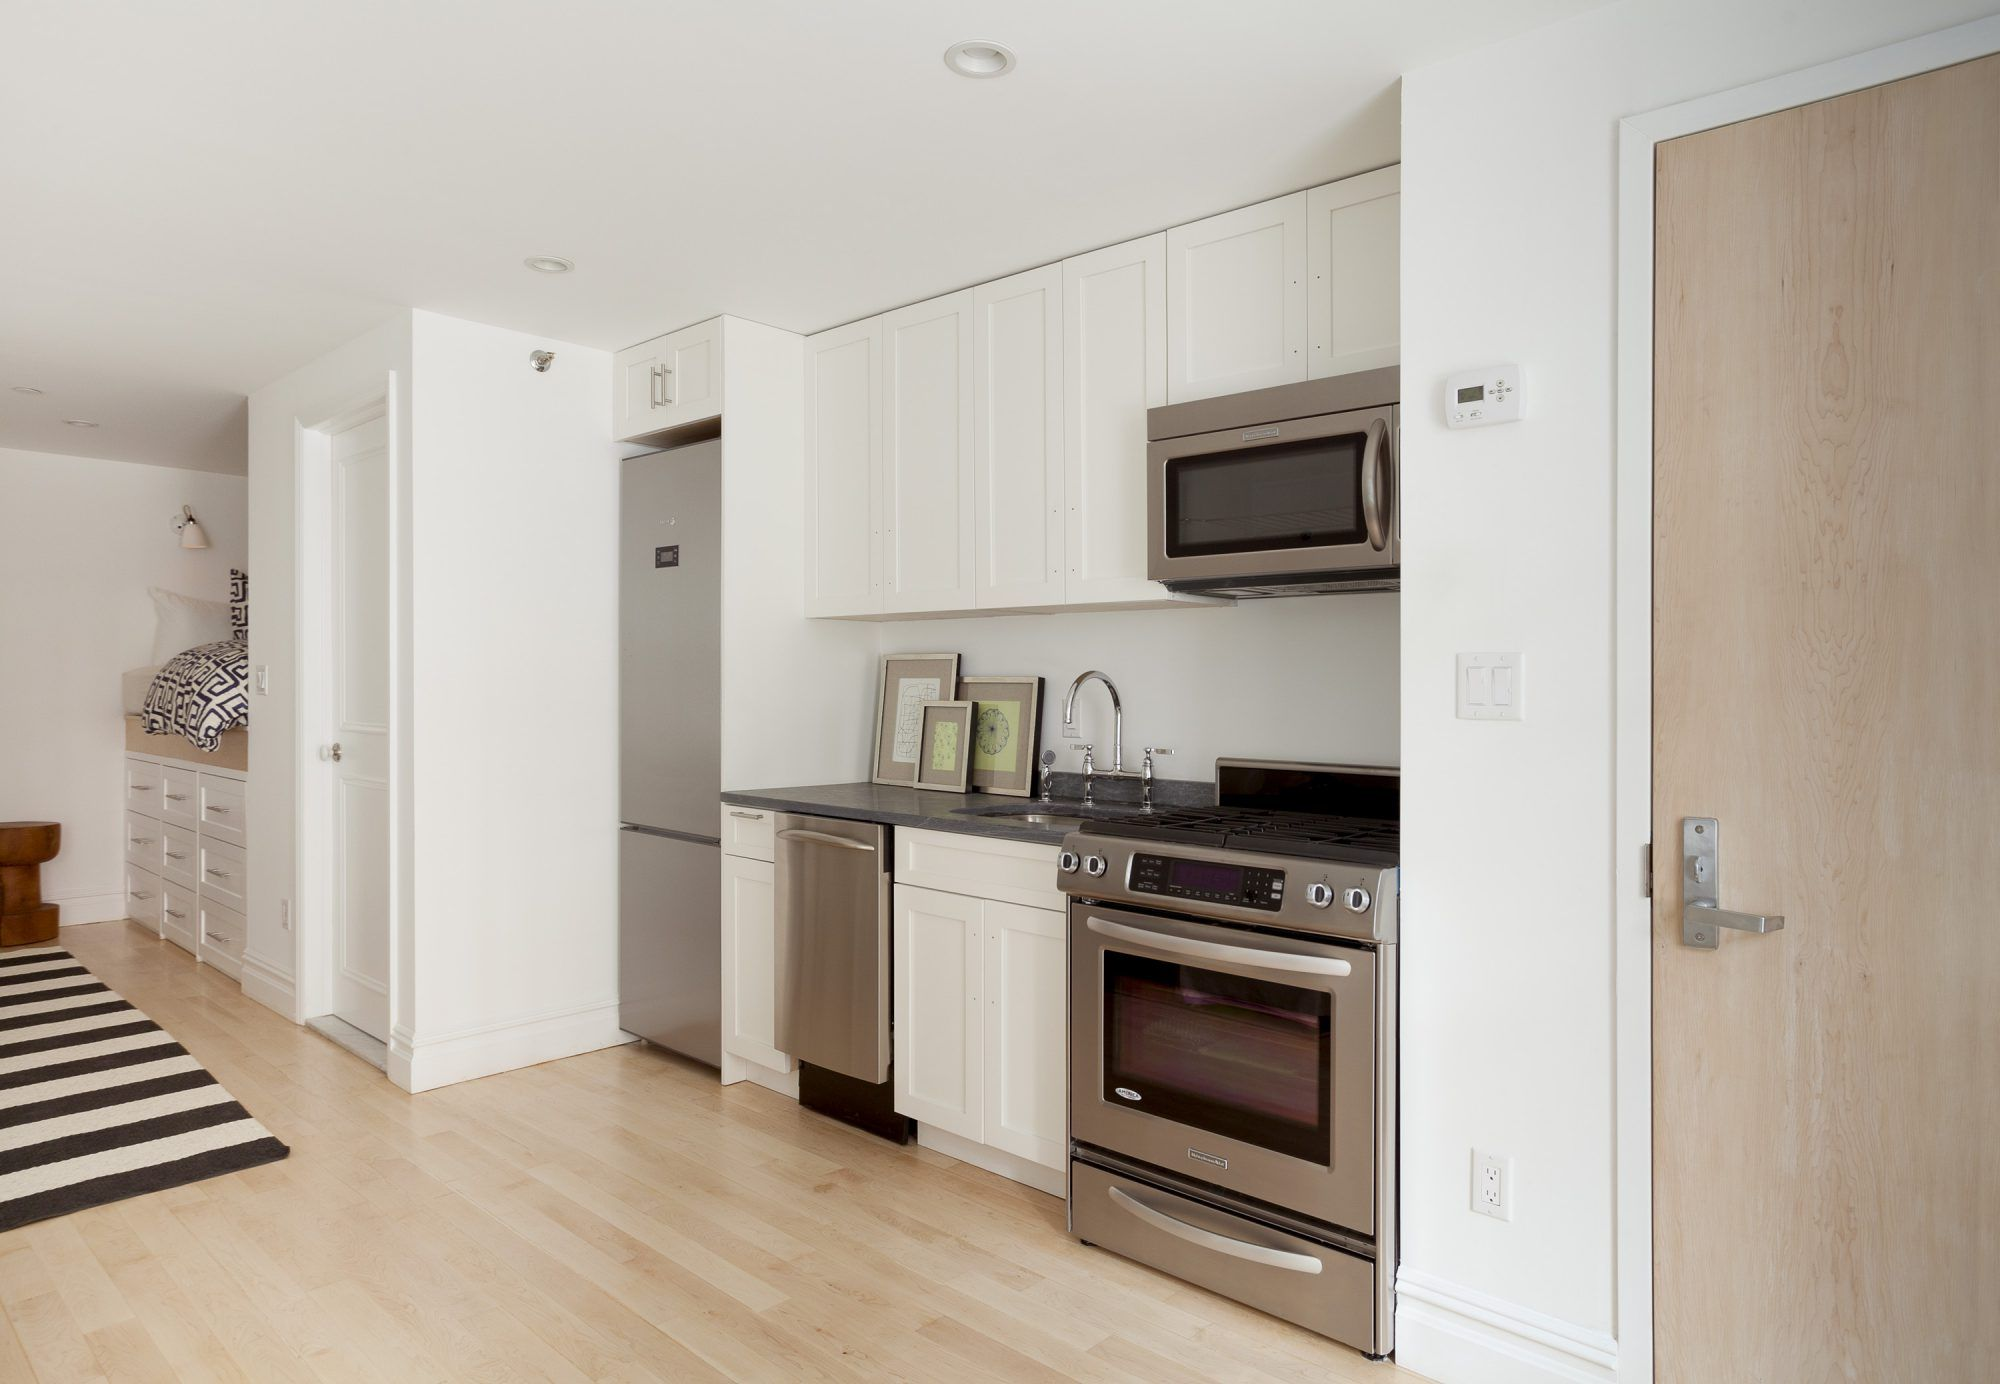 Cumberland Street Studio (Fort Greene) The Brooklyn Home